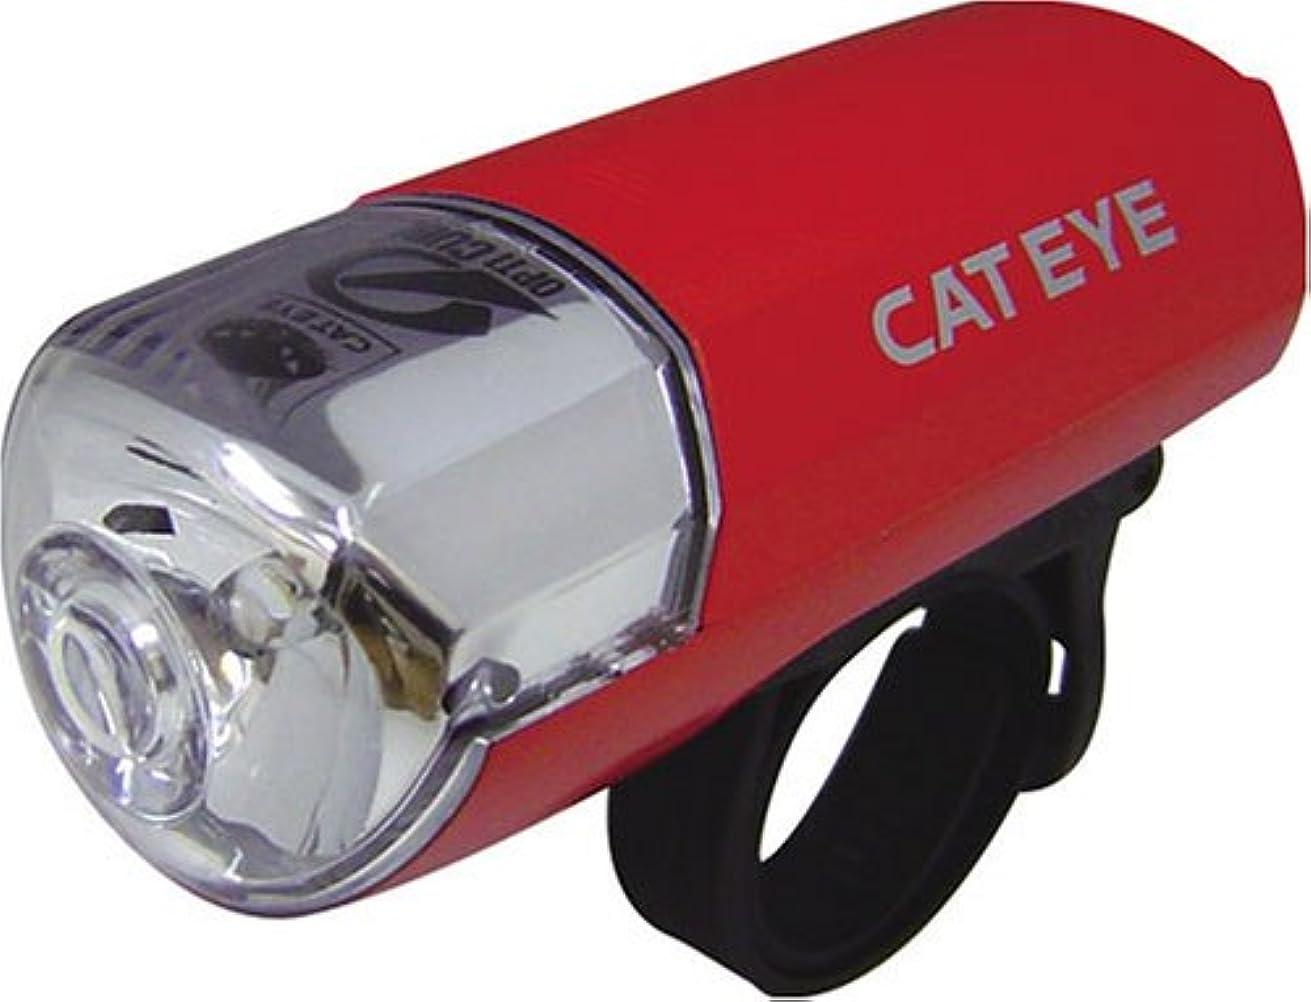 落ち着くドームコークスキャットアイ(CAT EYE) 2モードフラッシングライト ホワイト TL-LD270-F